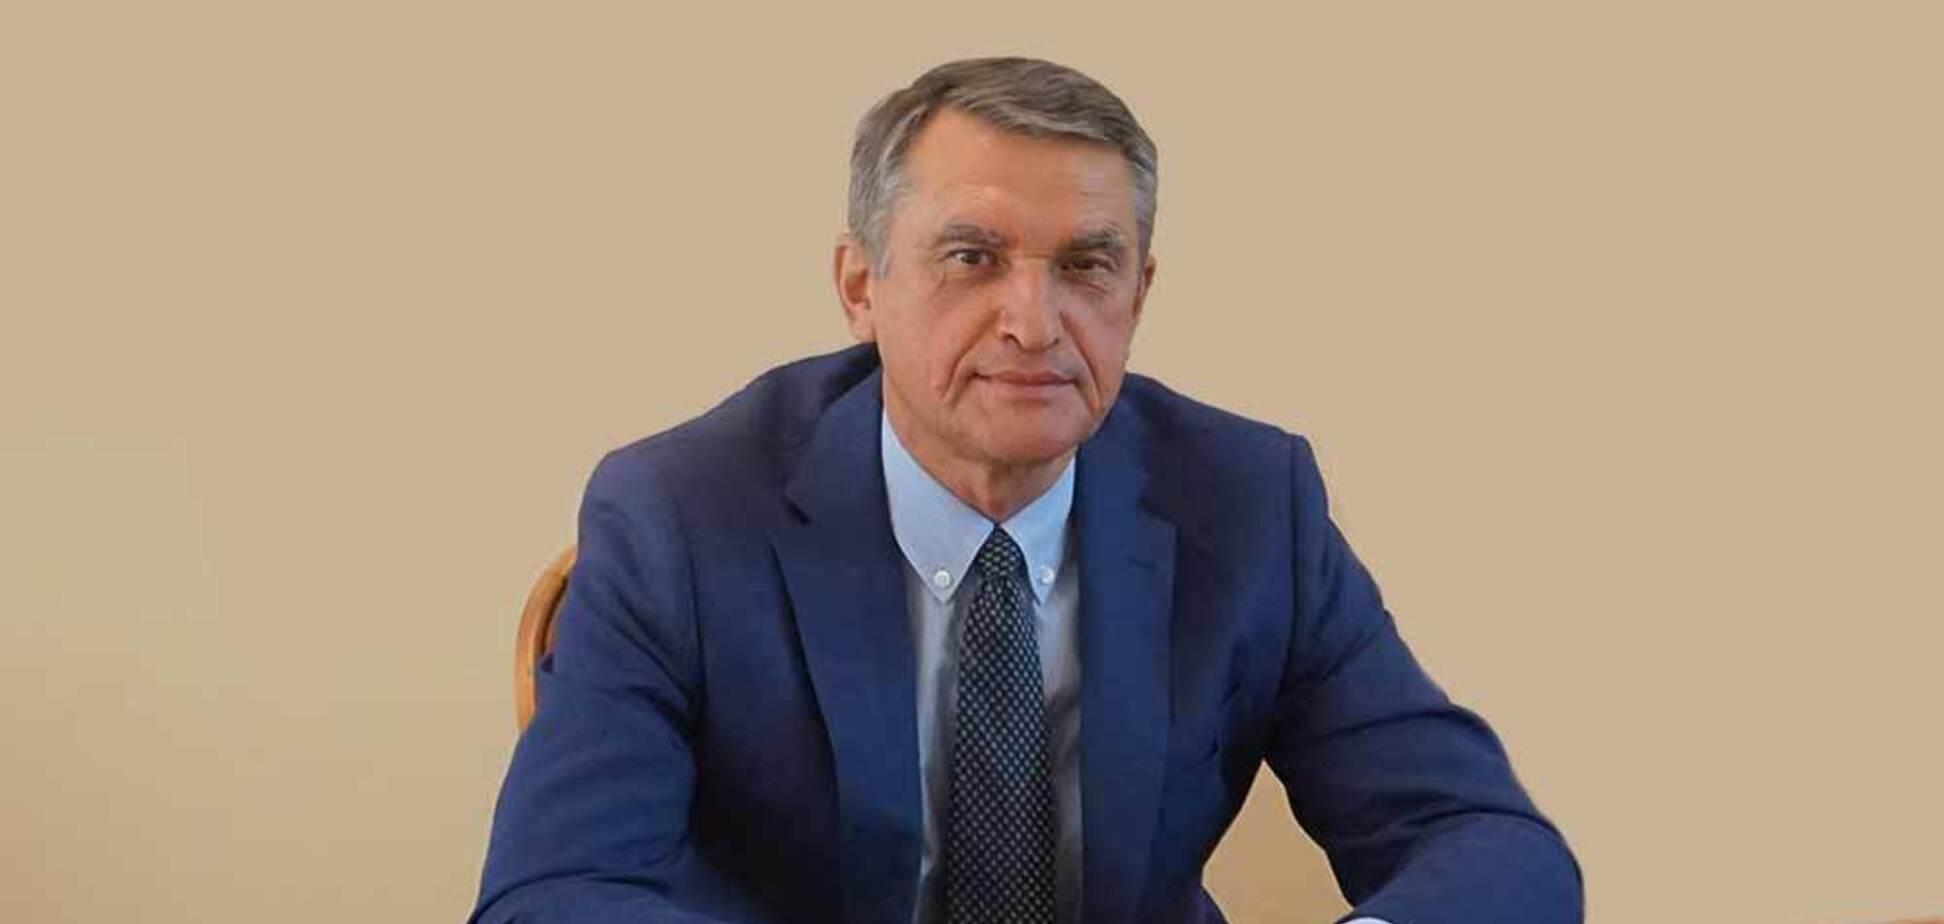 Замість Чалого: стало відомо, хто буде новим послом України у США